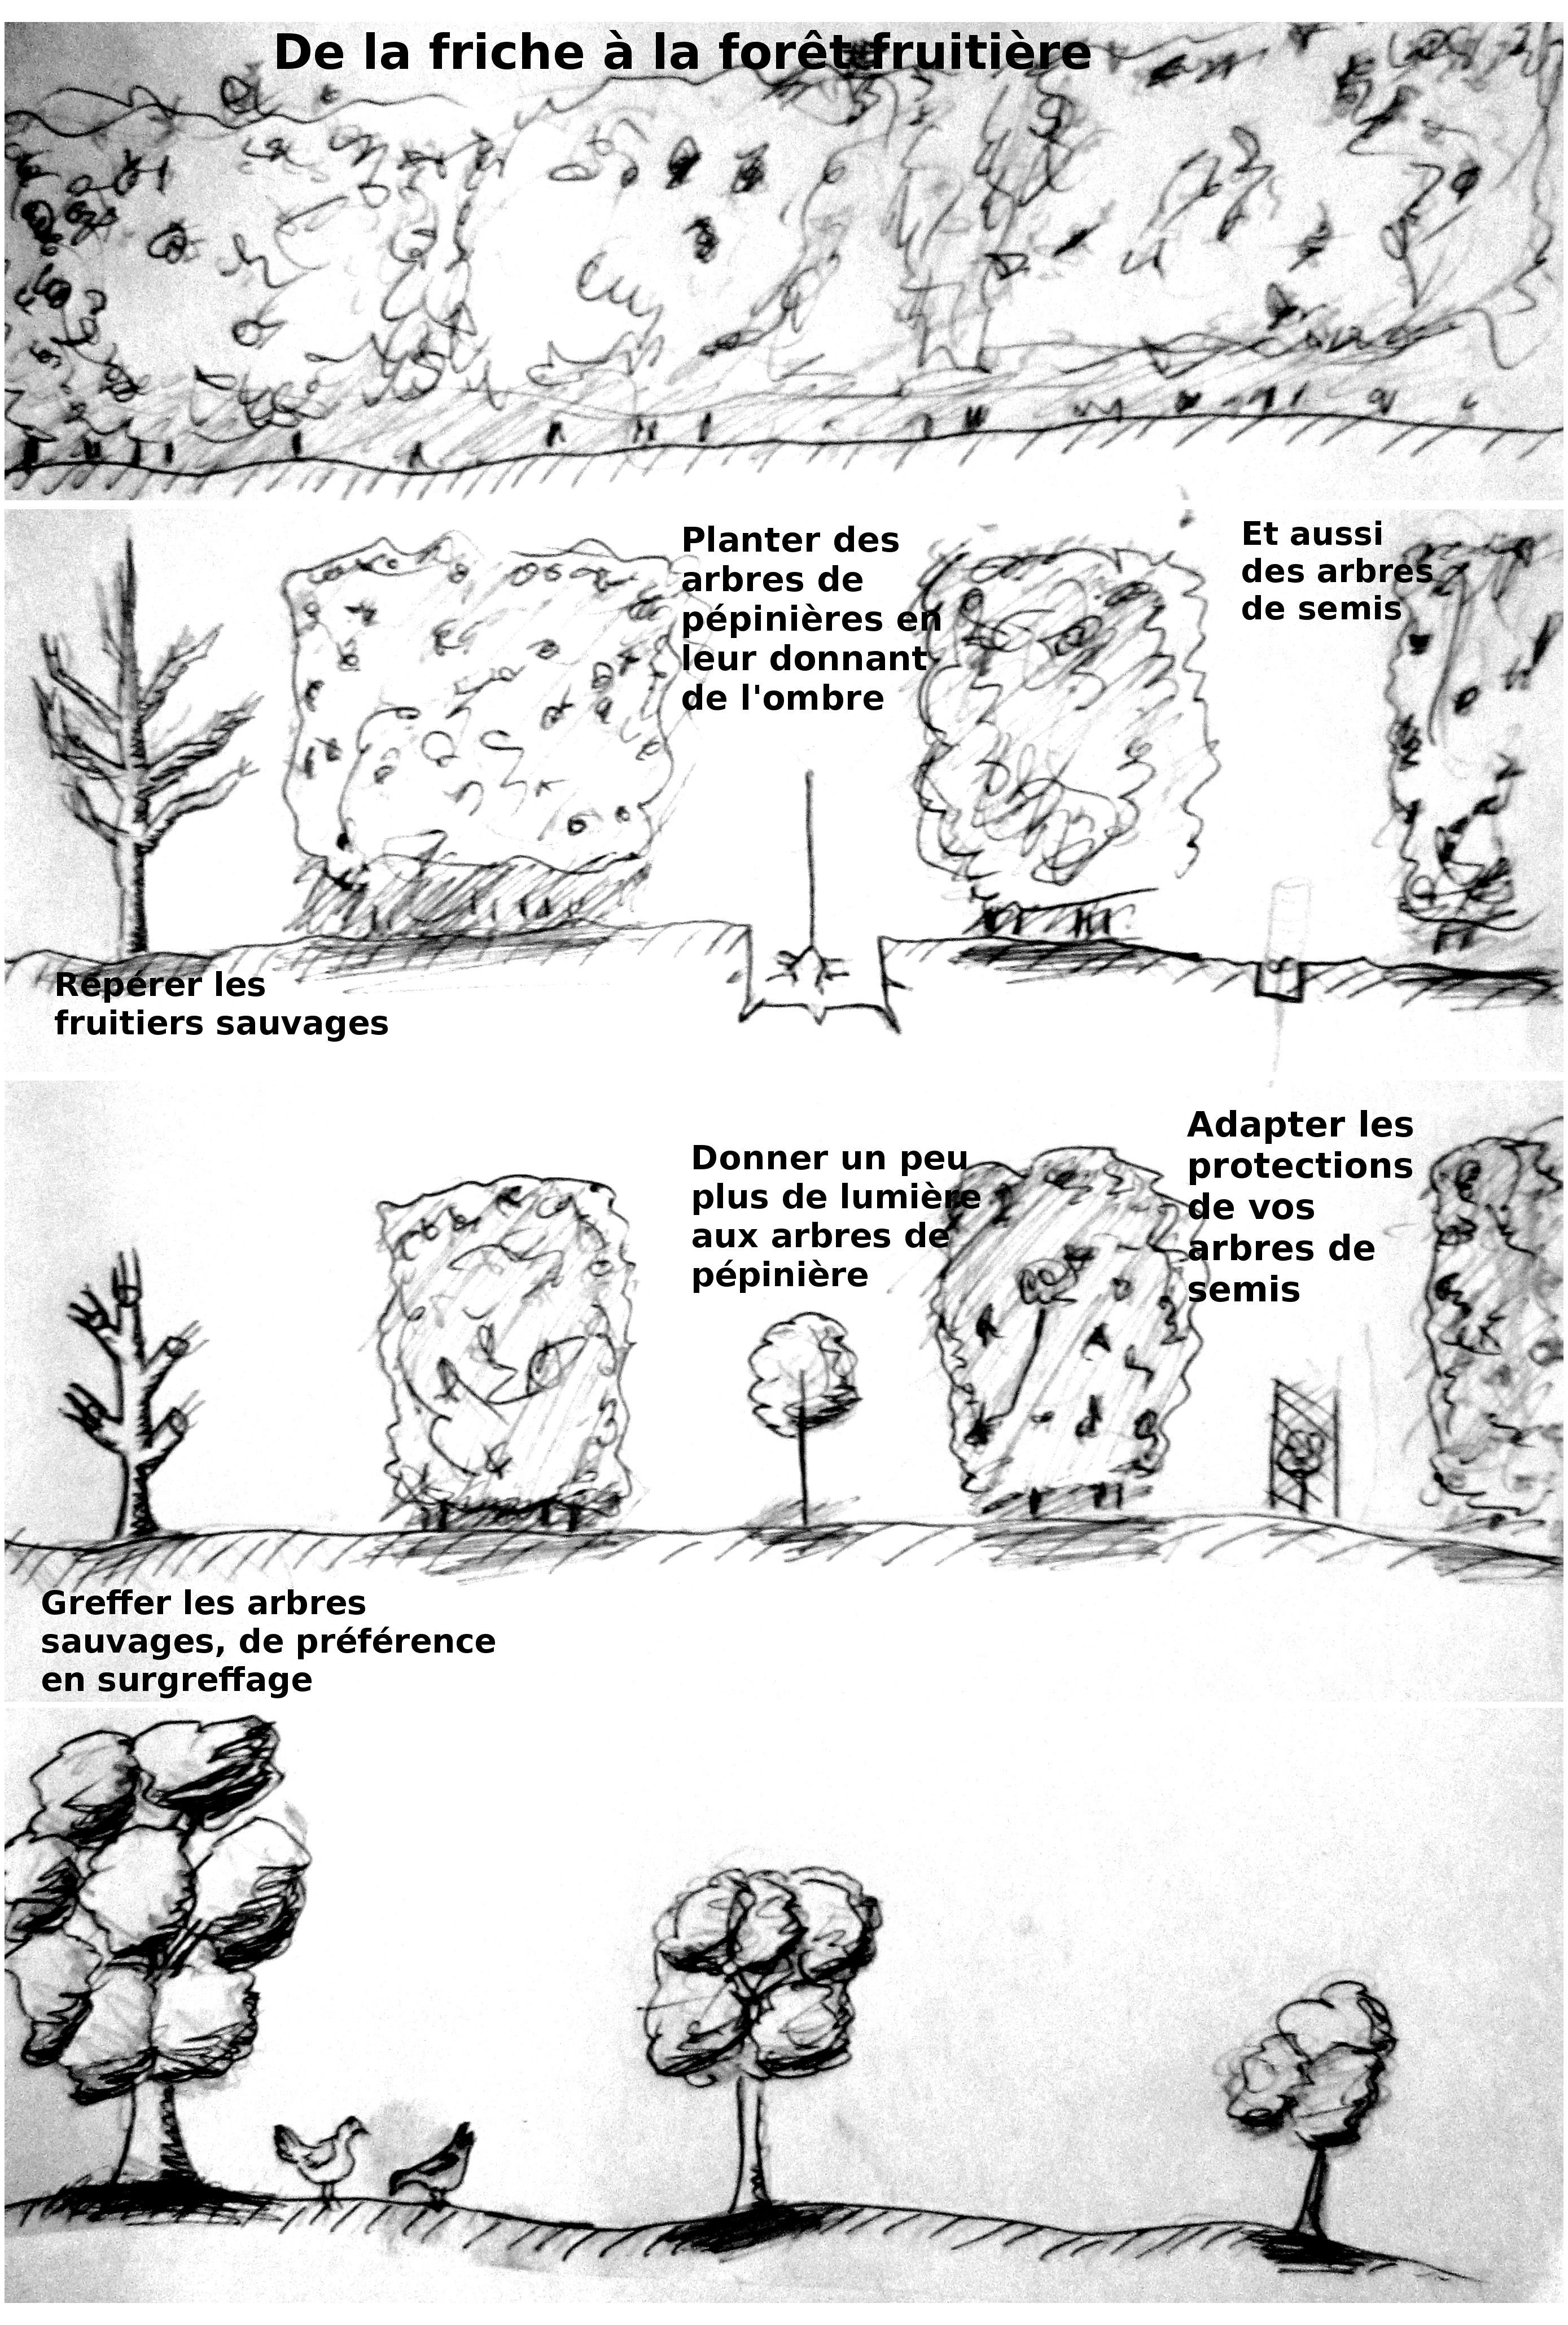 Comment Planter Un Arbre Fruitier mise en place d'une forêt fruitière à partir d'une friche